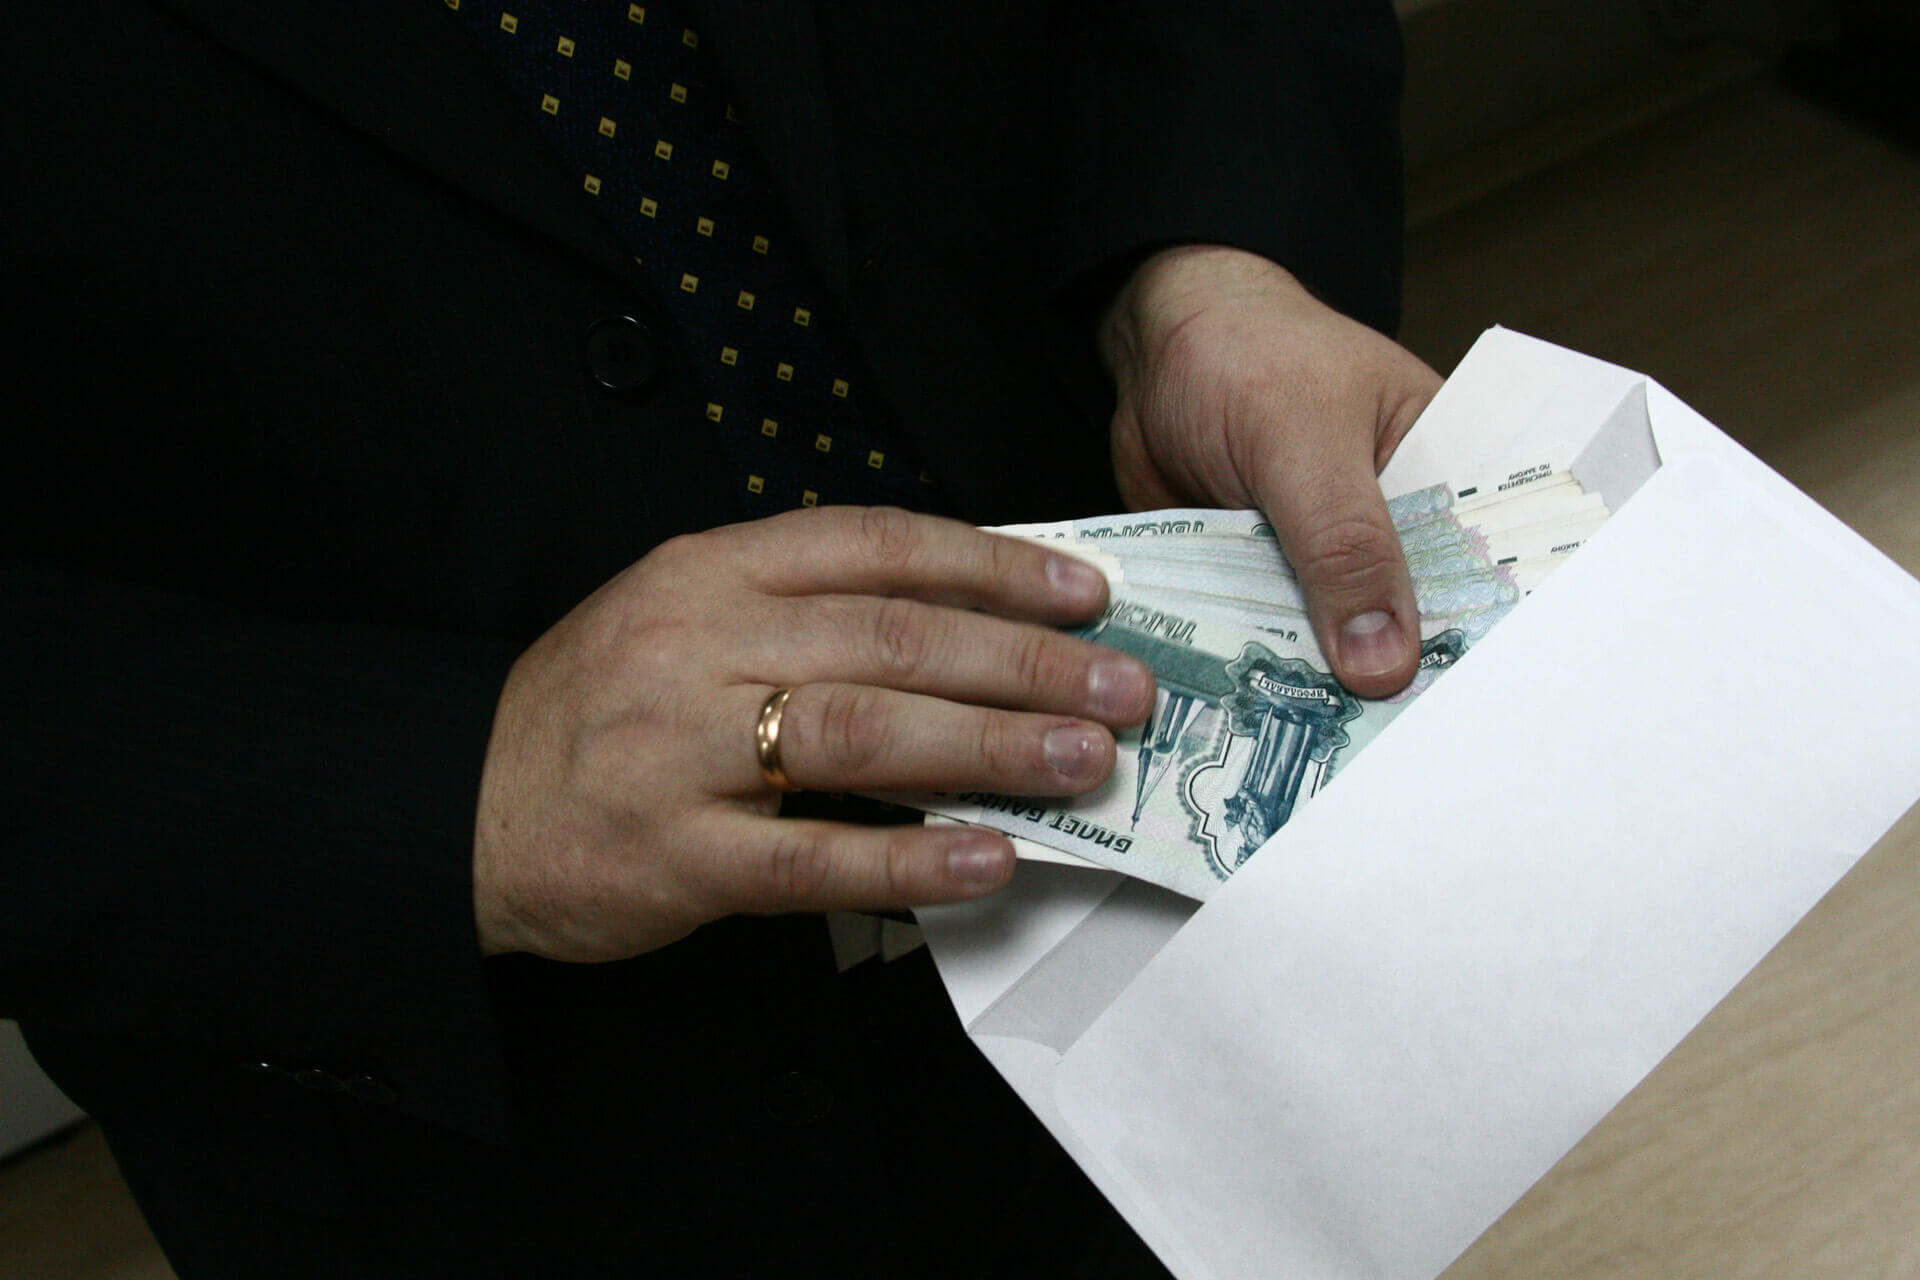 Заместителя руководителя СУ СК России по Хабаровскому краю и ЕАО Романа Исайкина подозревают в получении взятки.